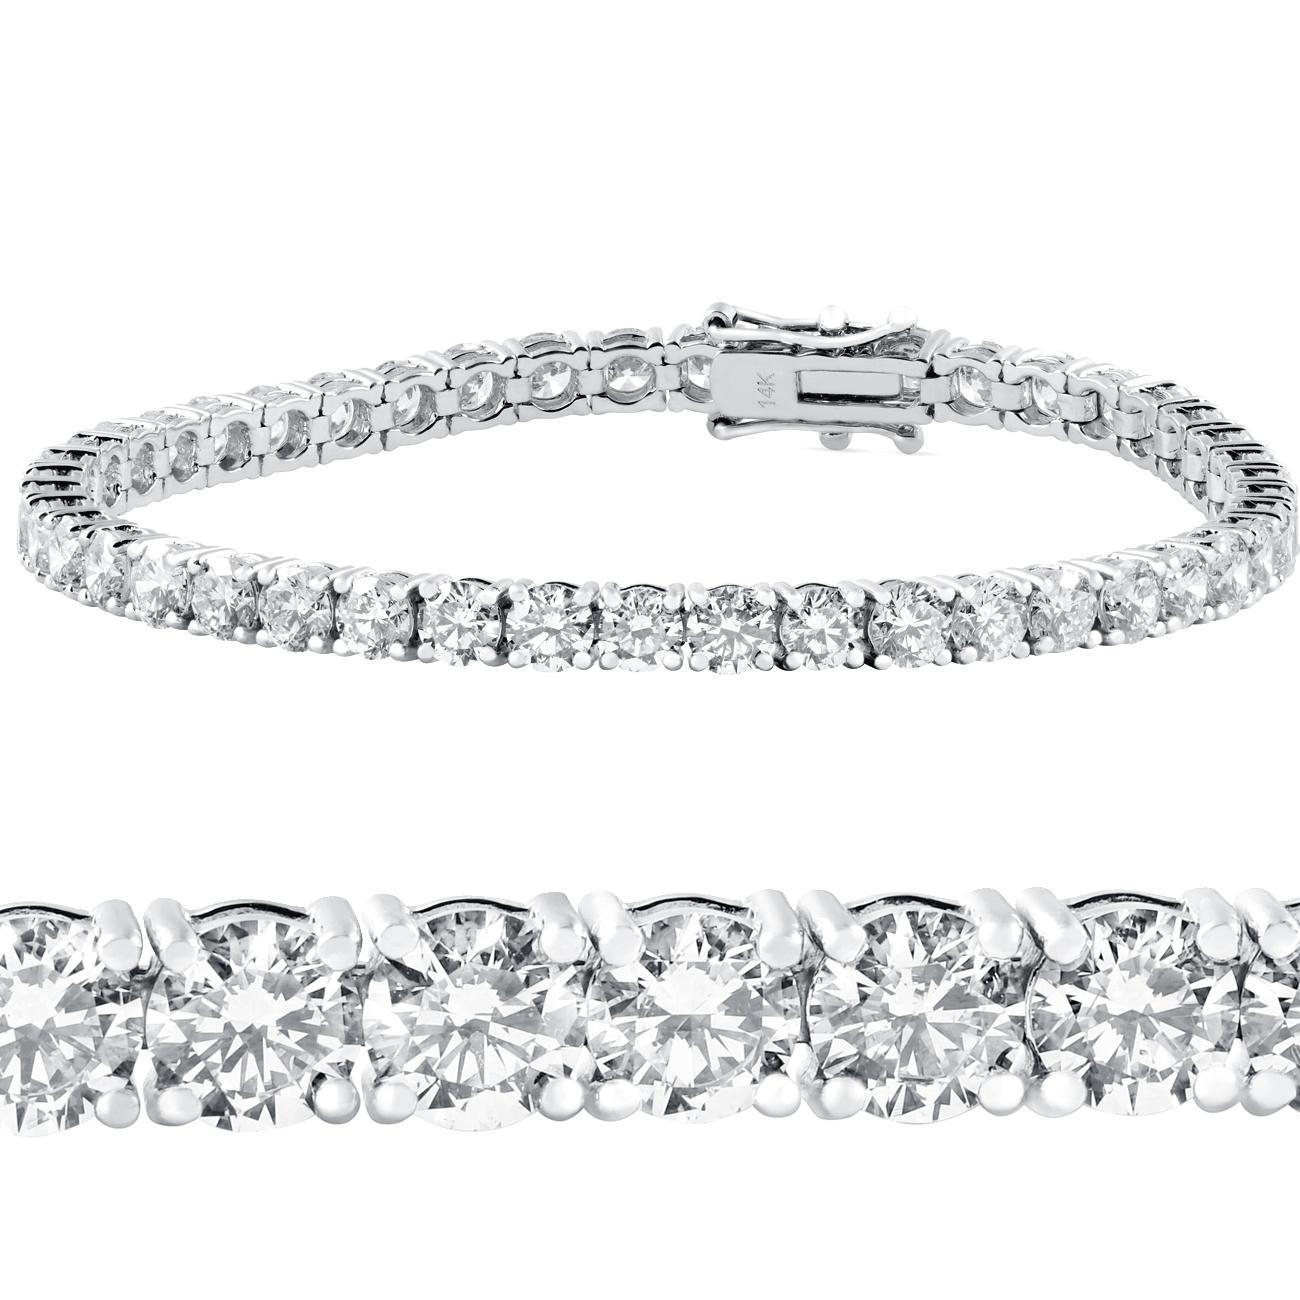 715fc7fcb3e Details about 10 ct Diamond Tennis Bracelet 14k White Gold 7